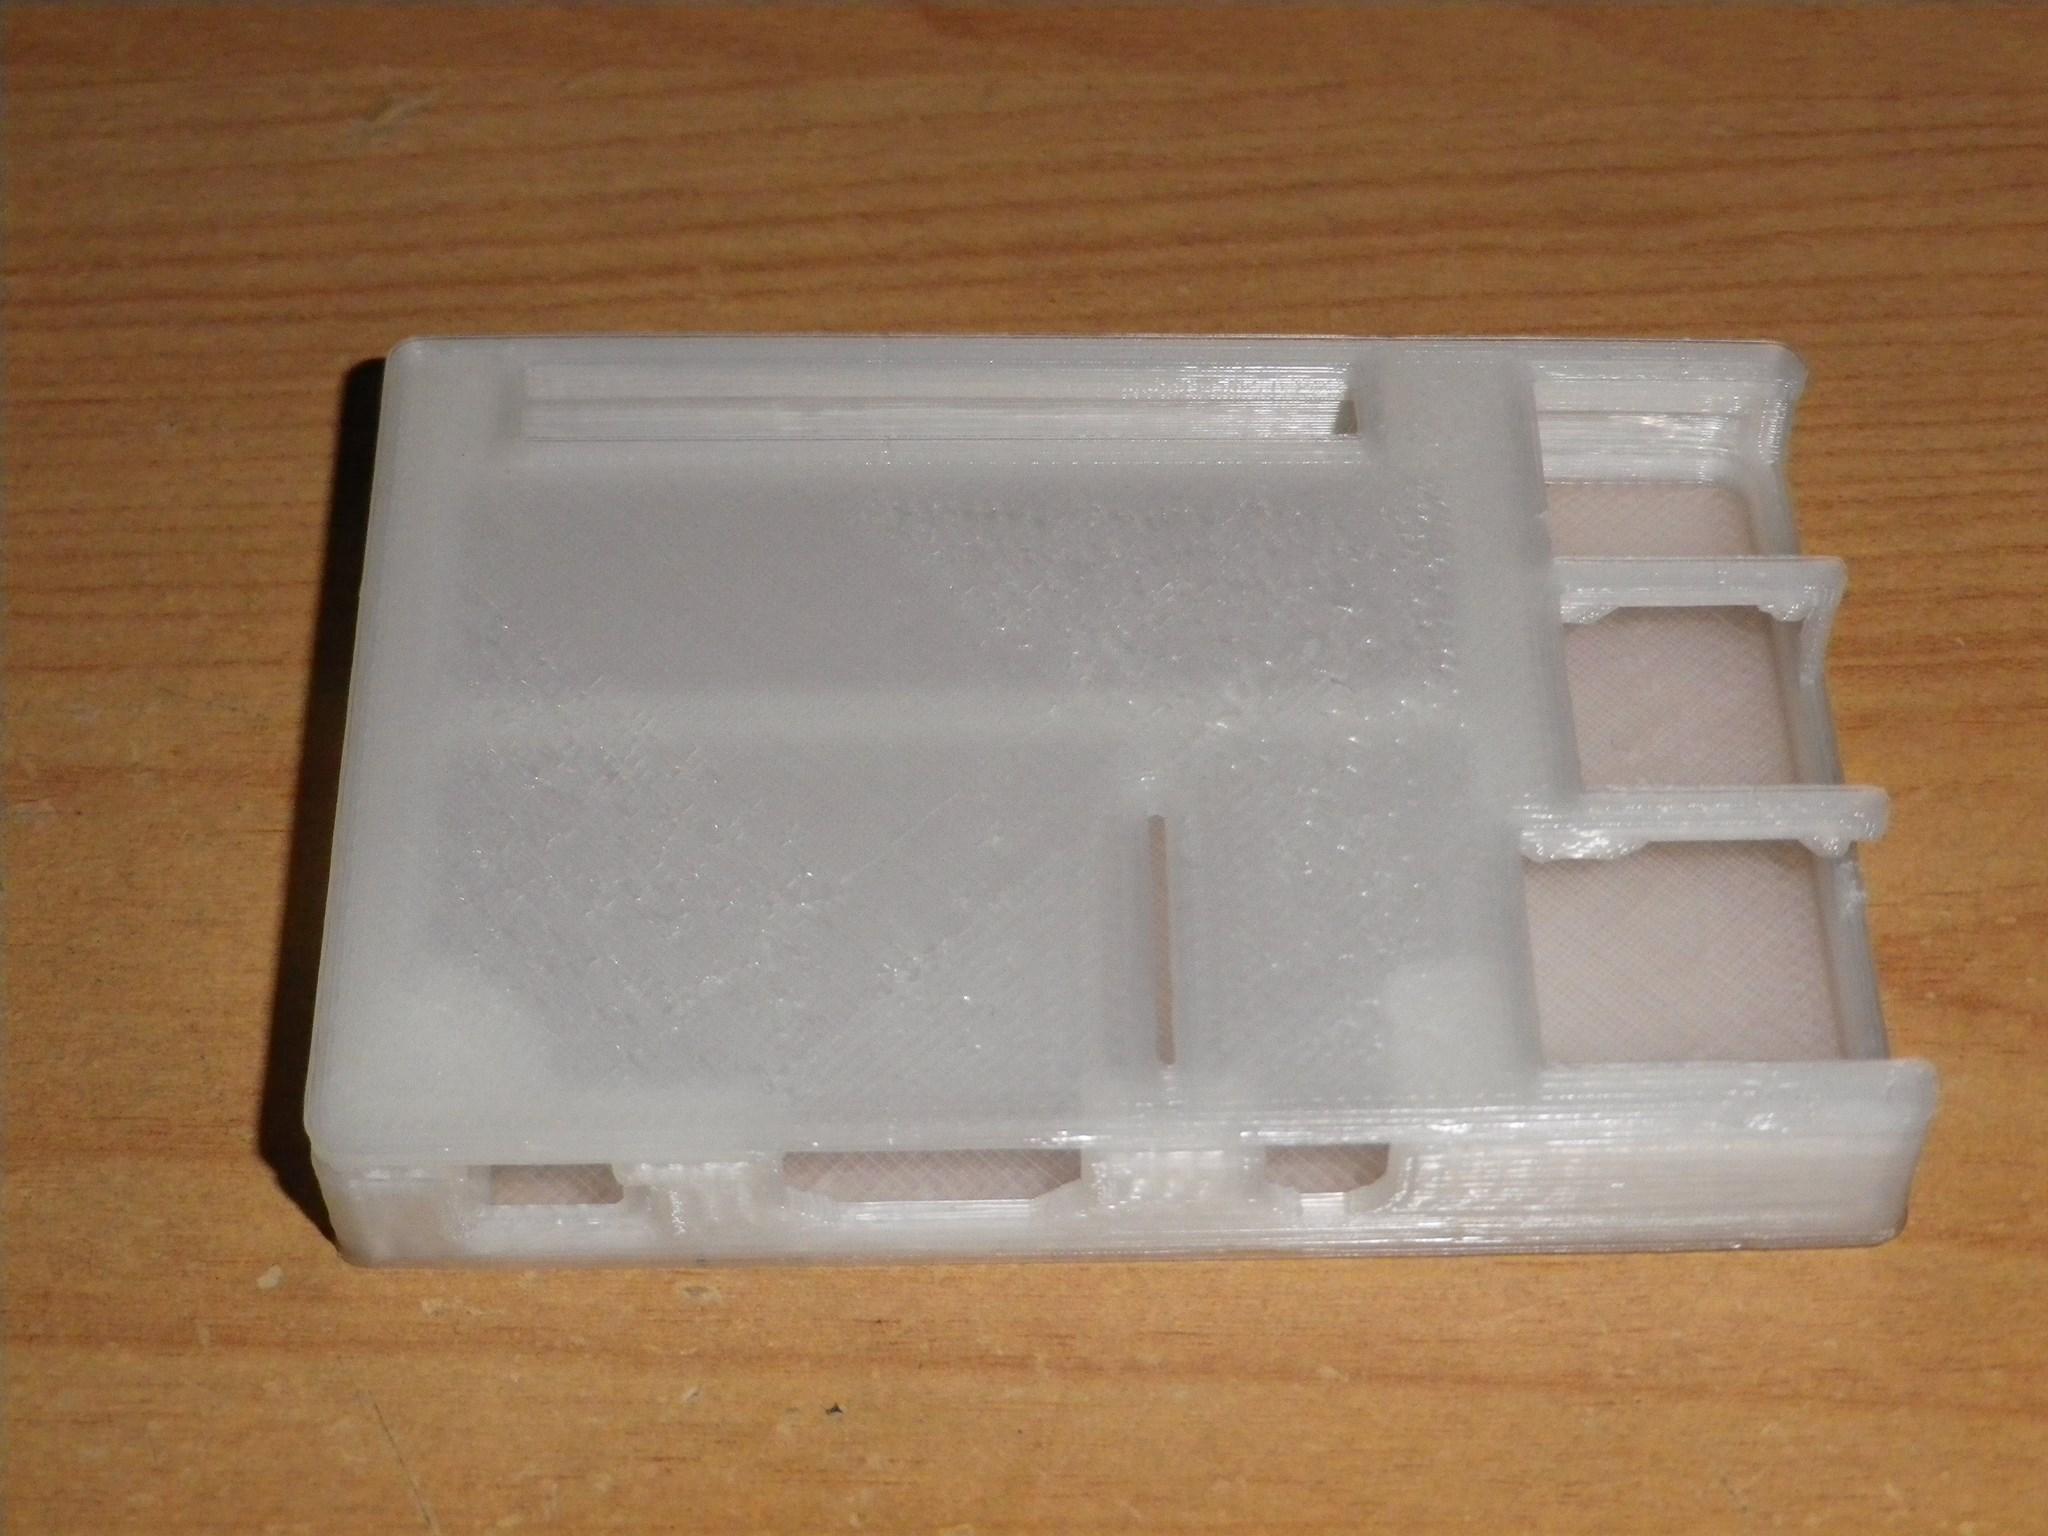 raspeberrypi-case-3d-print-tachov_3